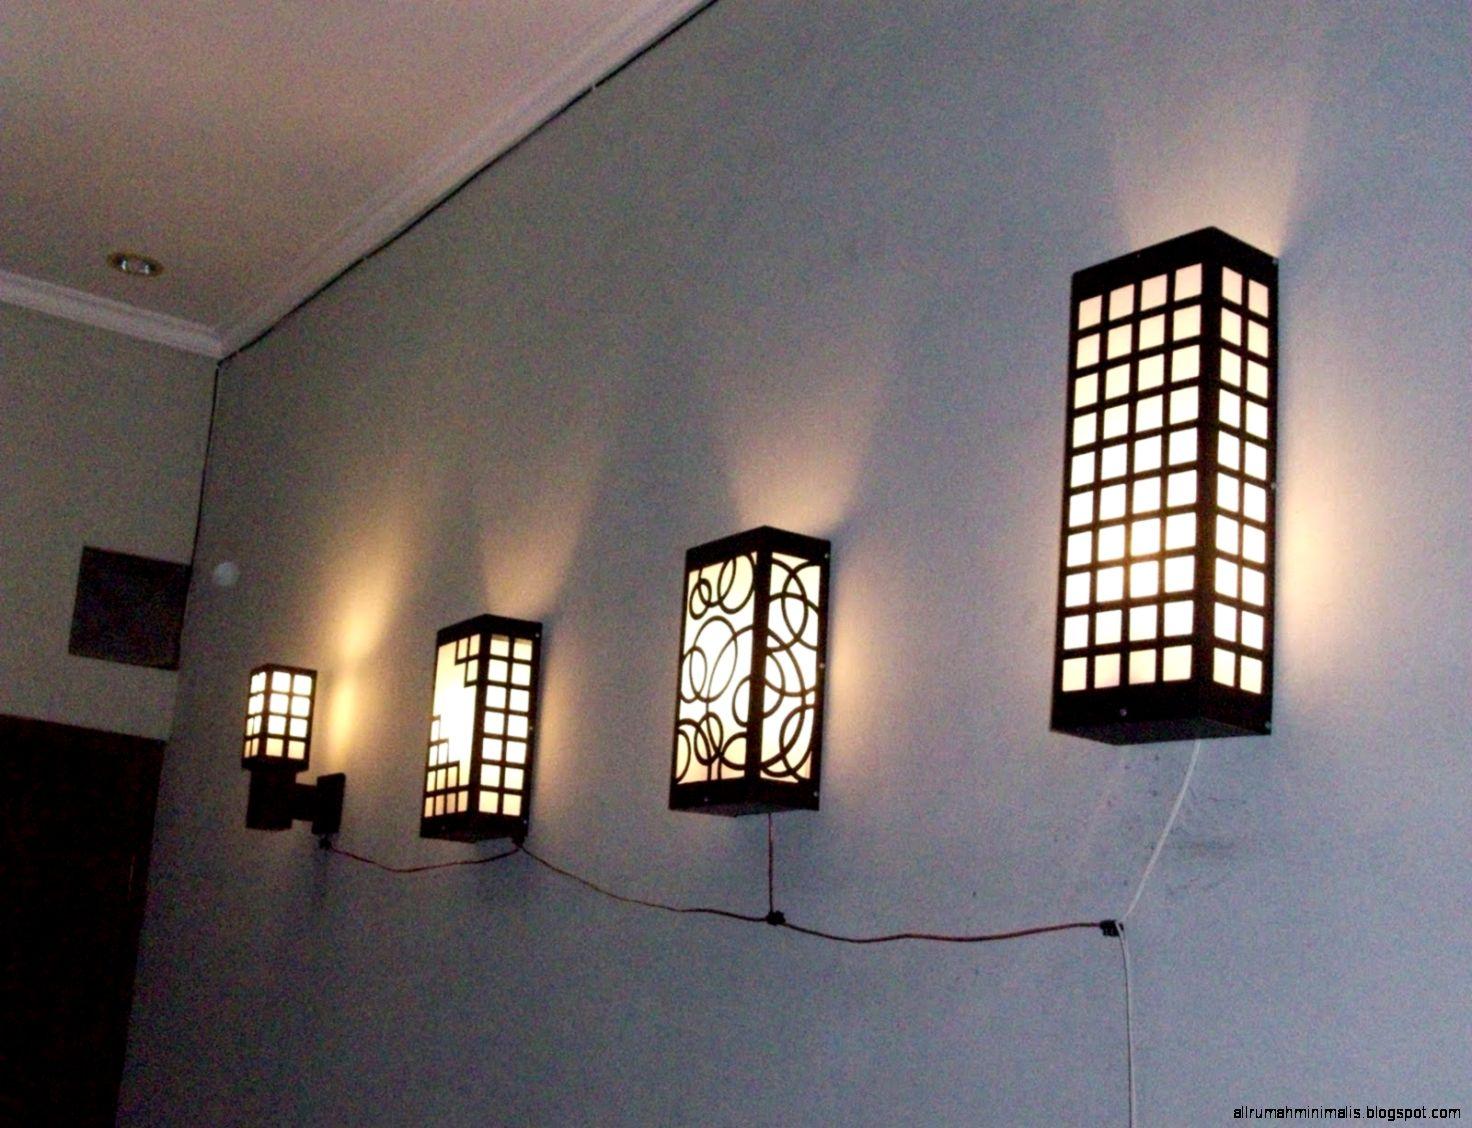 Cara Membuat Lampu Hias Teras Rumah D Kamar Minimalis Cara membuat lampu dinding